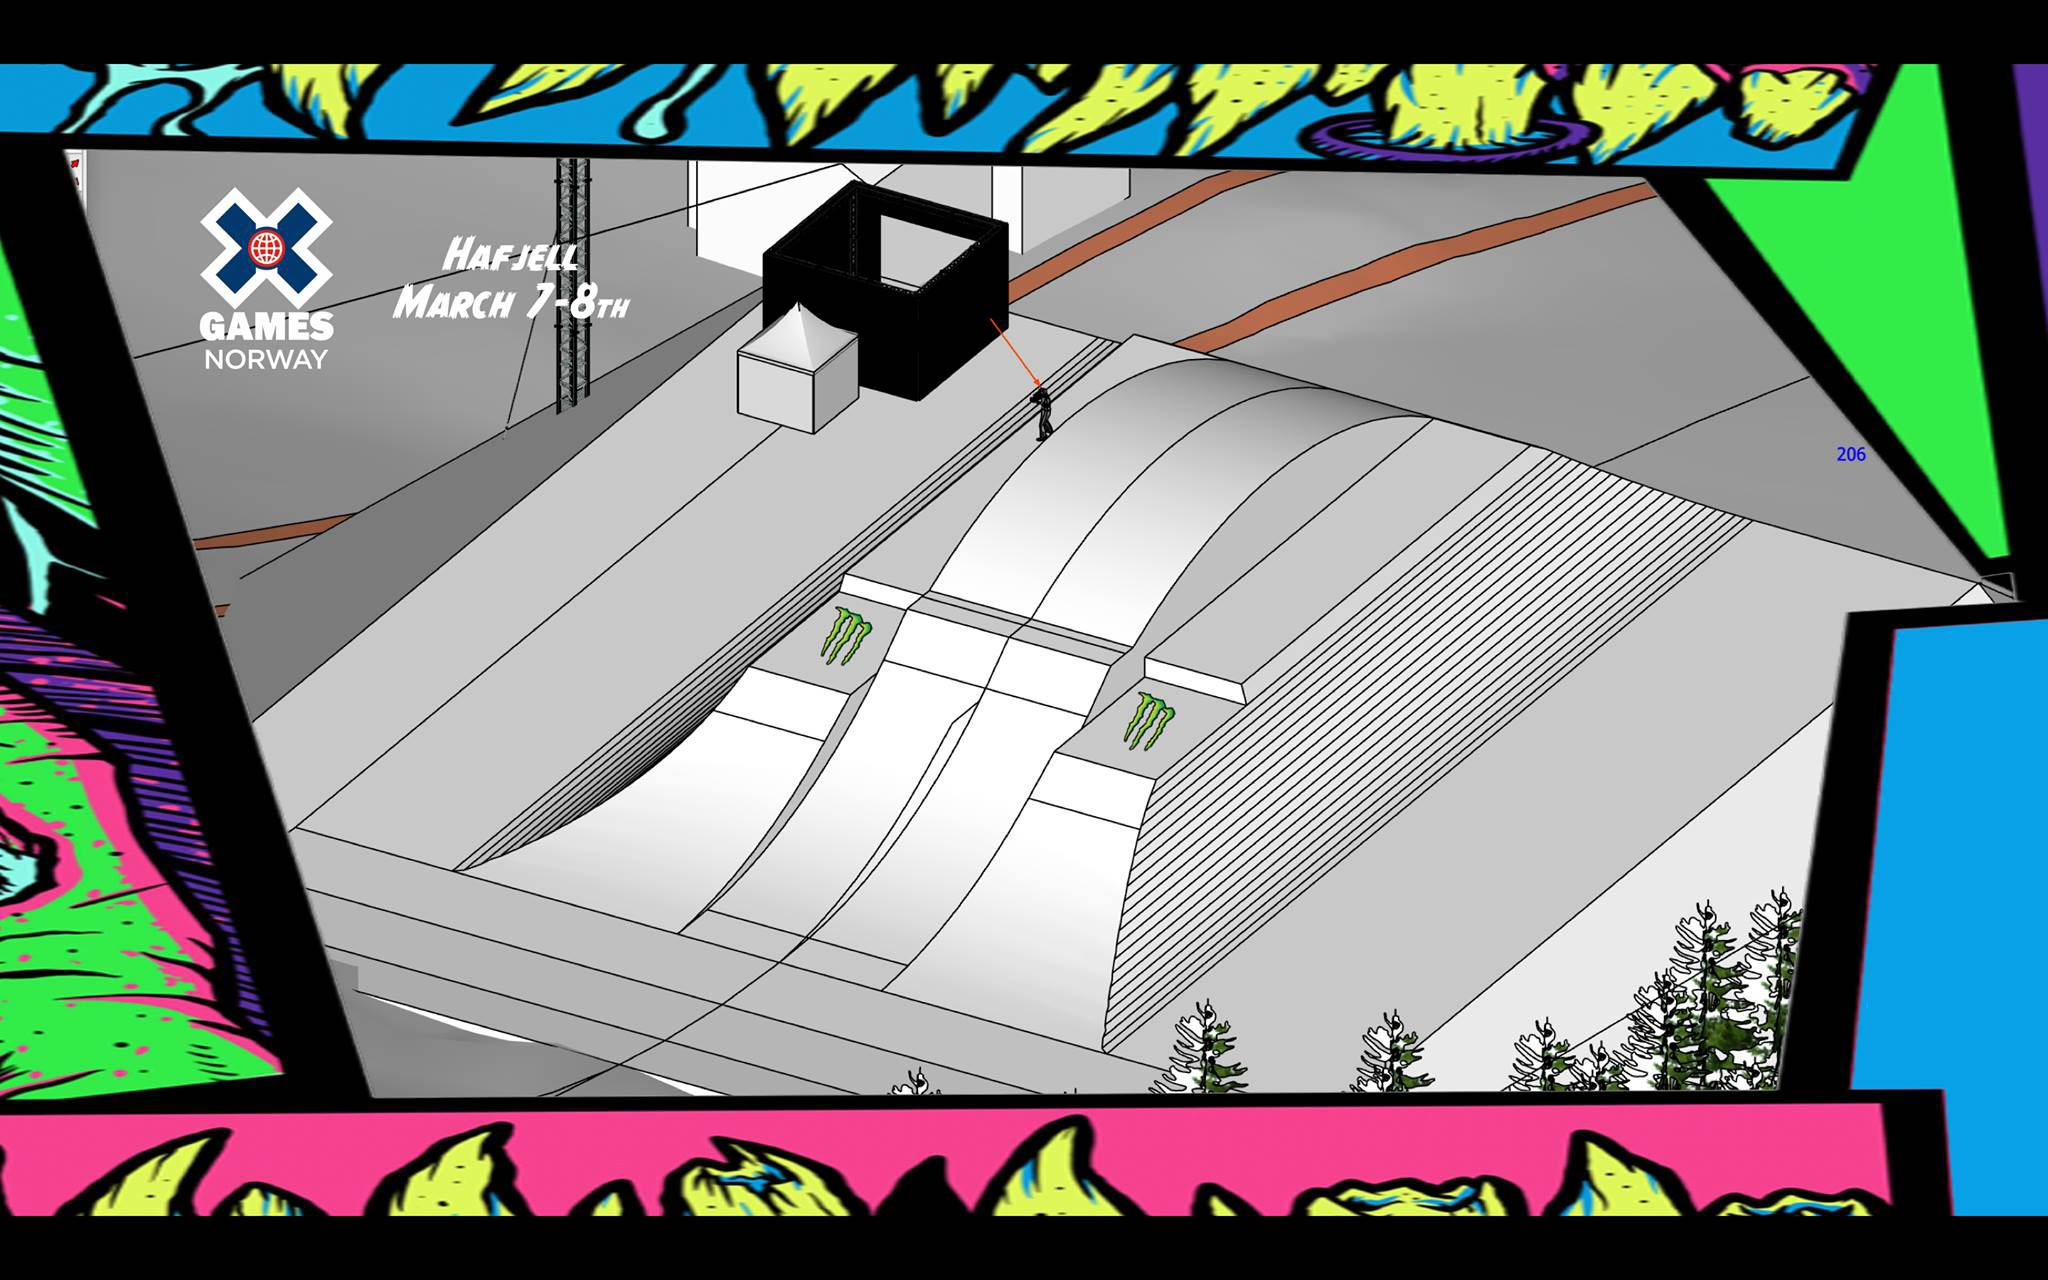 Die nächste Section besteht aus zwei Roller Kickern mit einem Turbo Knuckle in der Mitte und vielen Optionen für Tricks mit Taps, Handdrags und ähnlichen Manövern.